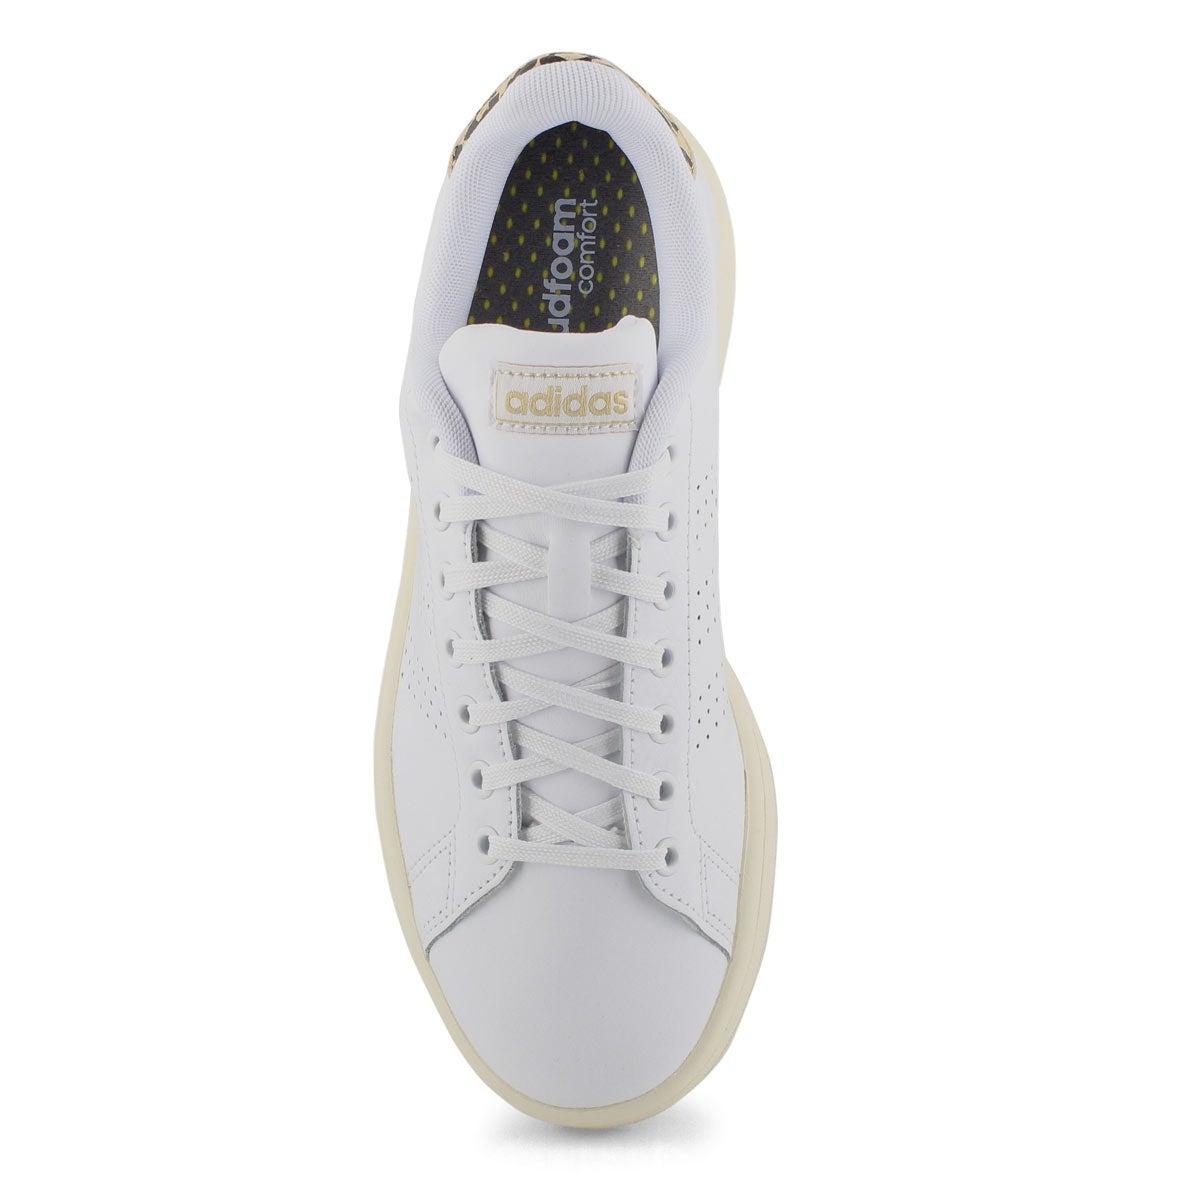 Women's Advantage Sneaker - White/Gold/Black